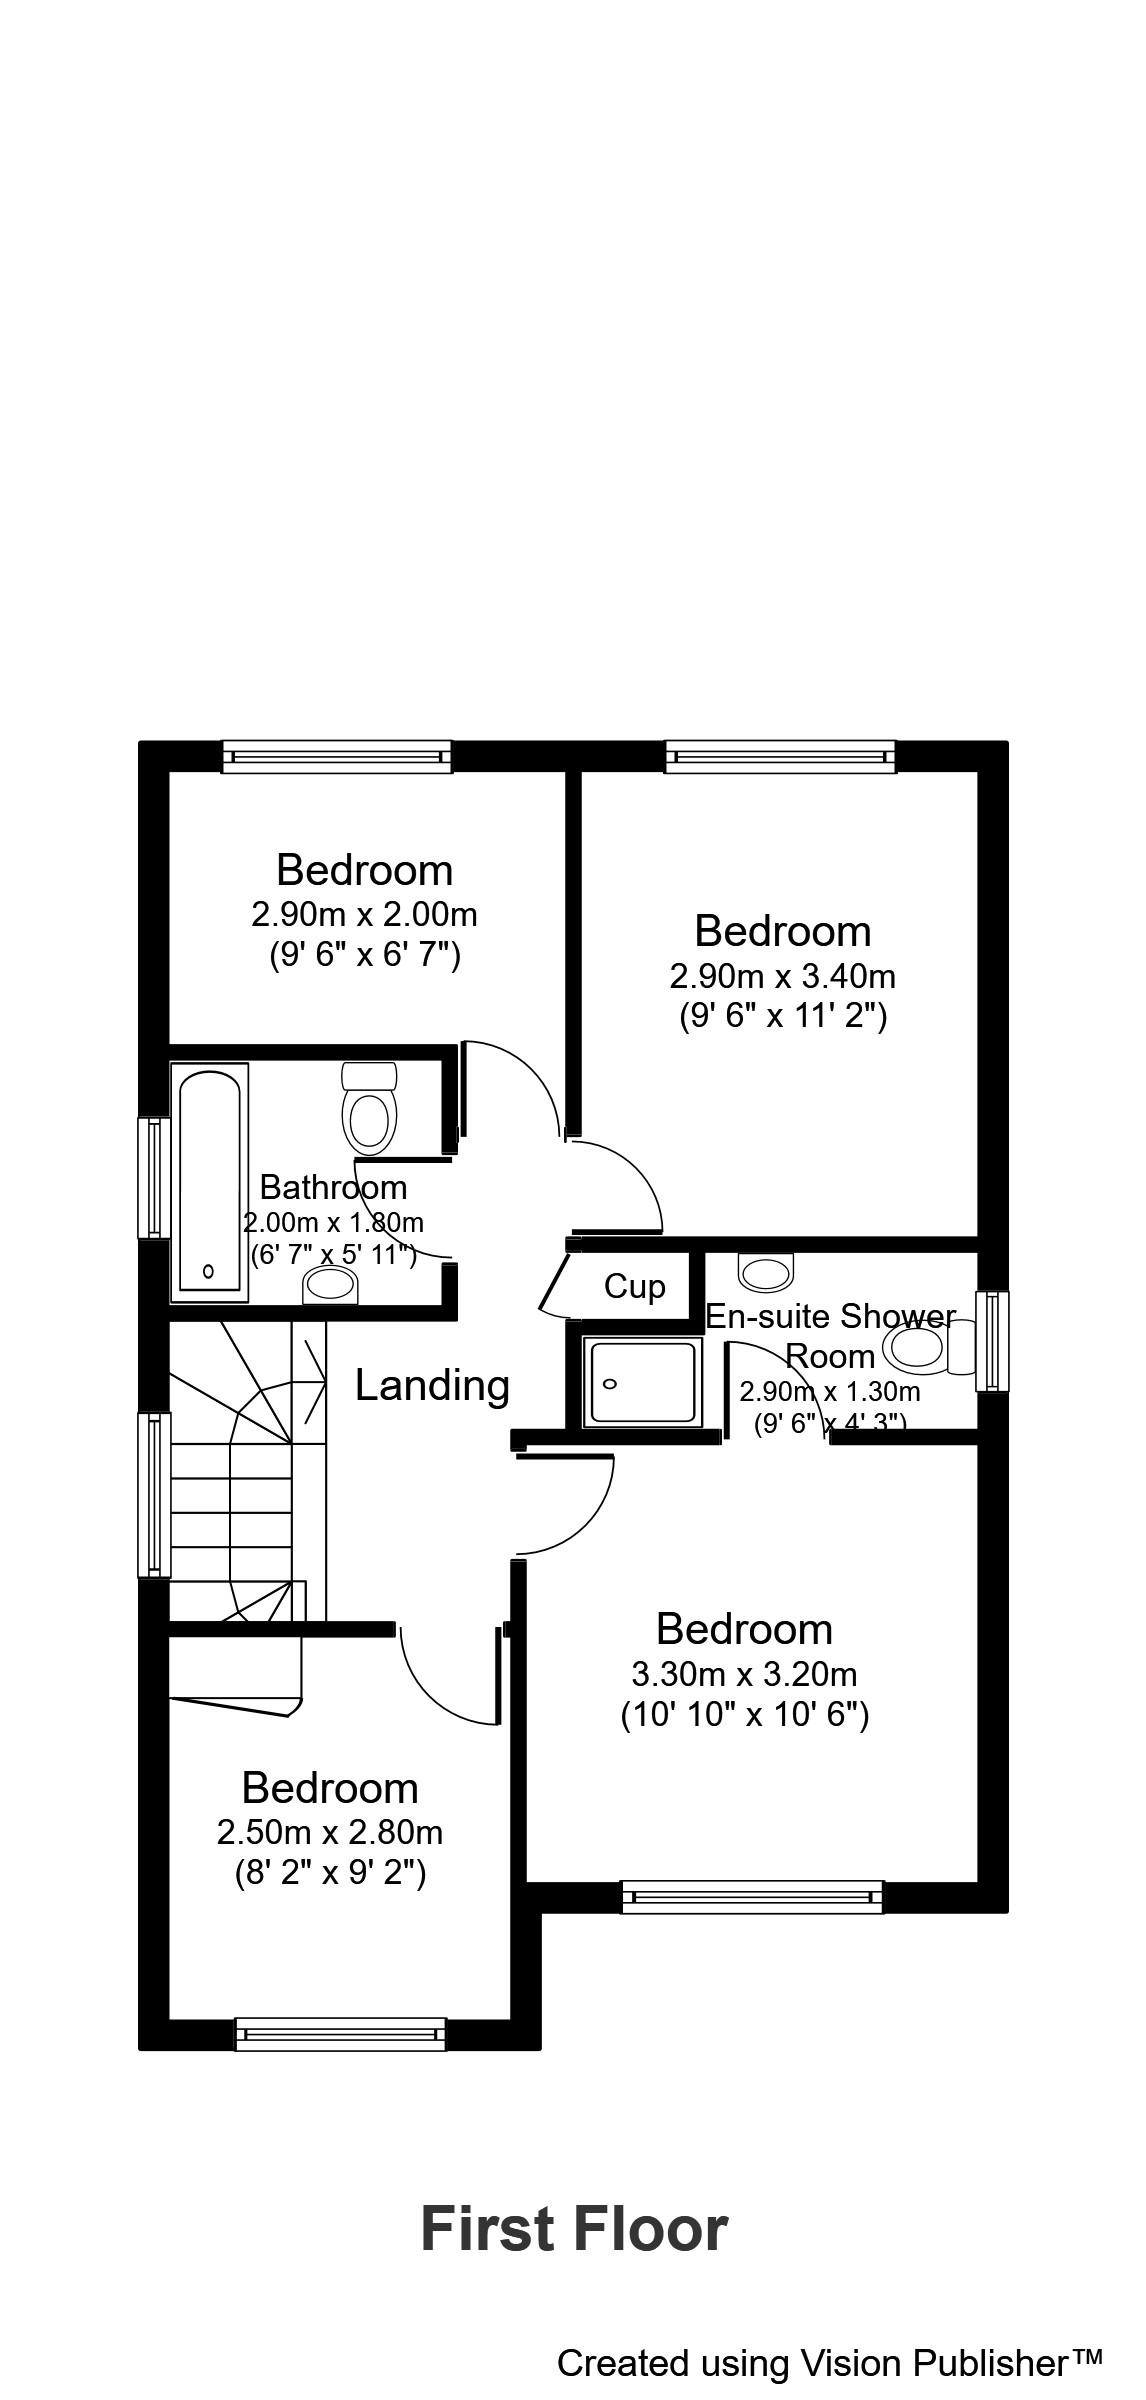 4 parr fold 1st Floor Plans (Auto Sized) (2)